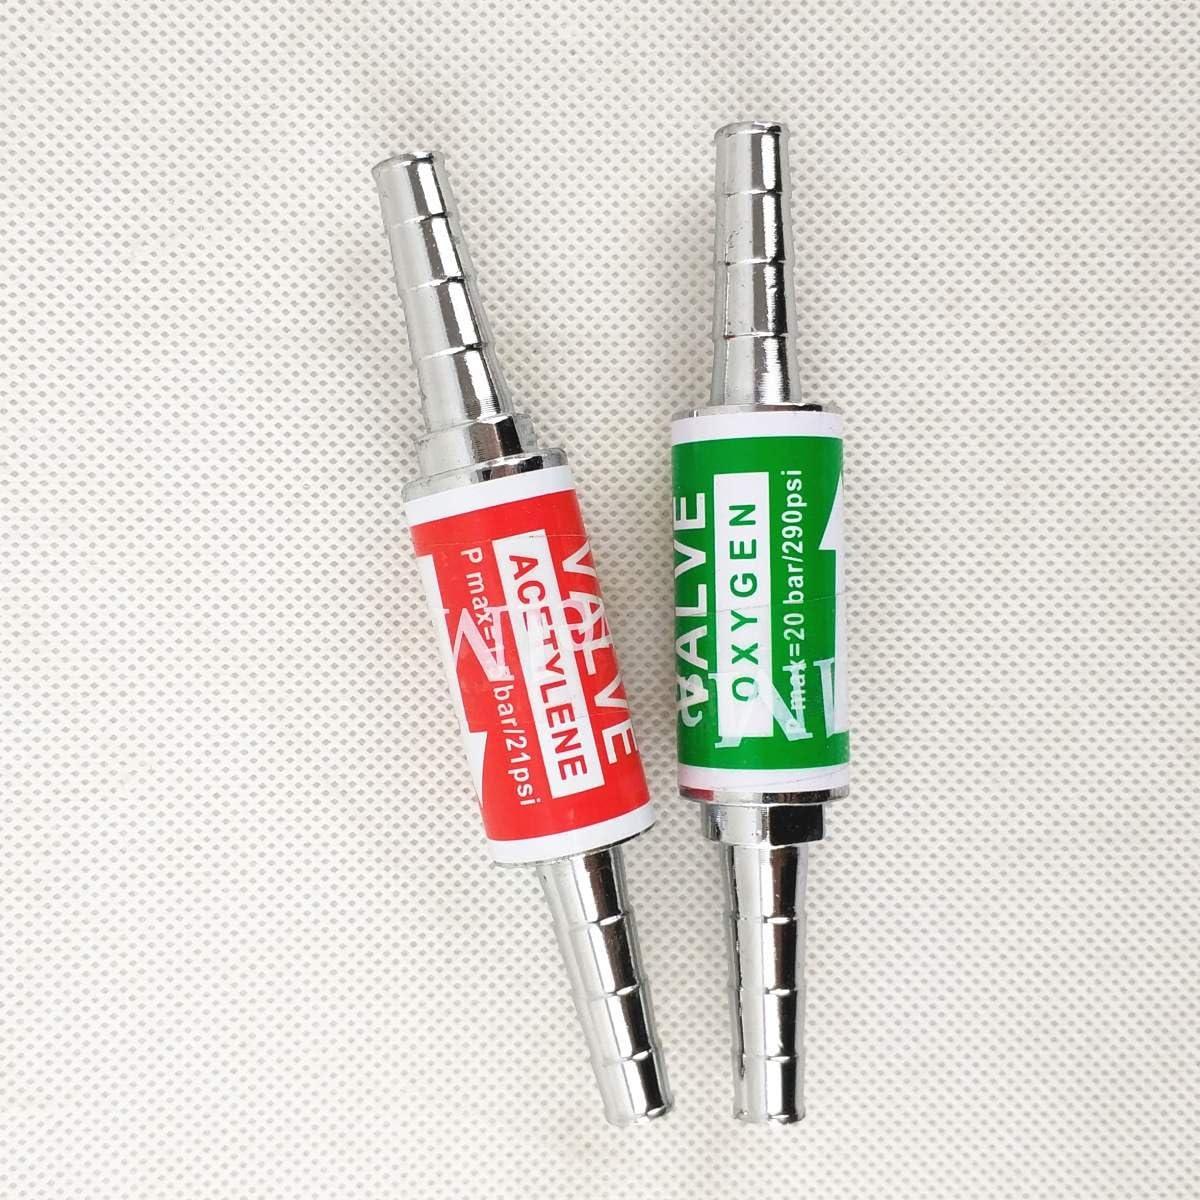 Flashback Arrestors 8mm Pipe Inner Dimension Version Oxygen Acetylene//Fuel Safety Valve Flame Buster